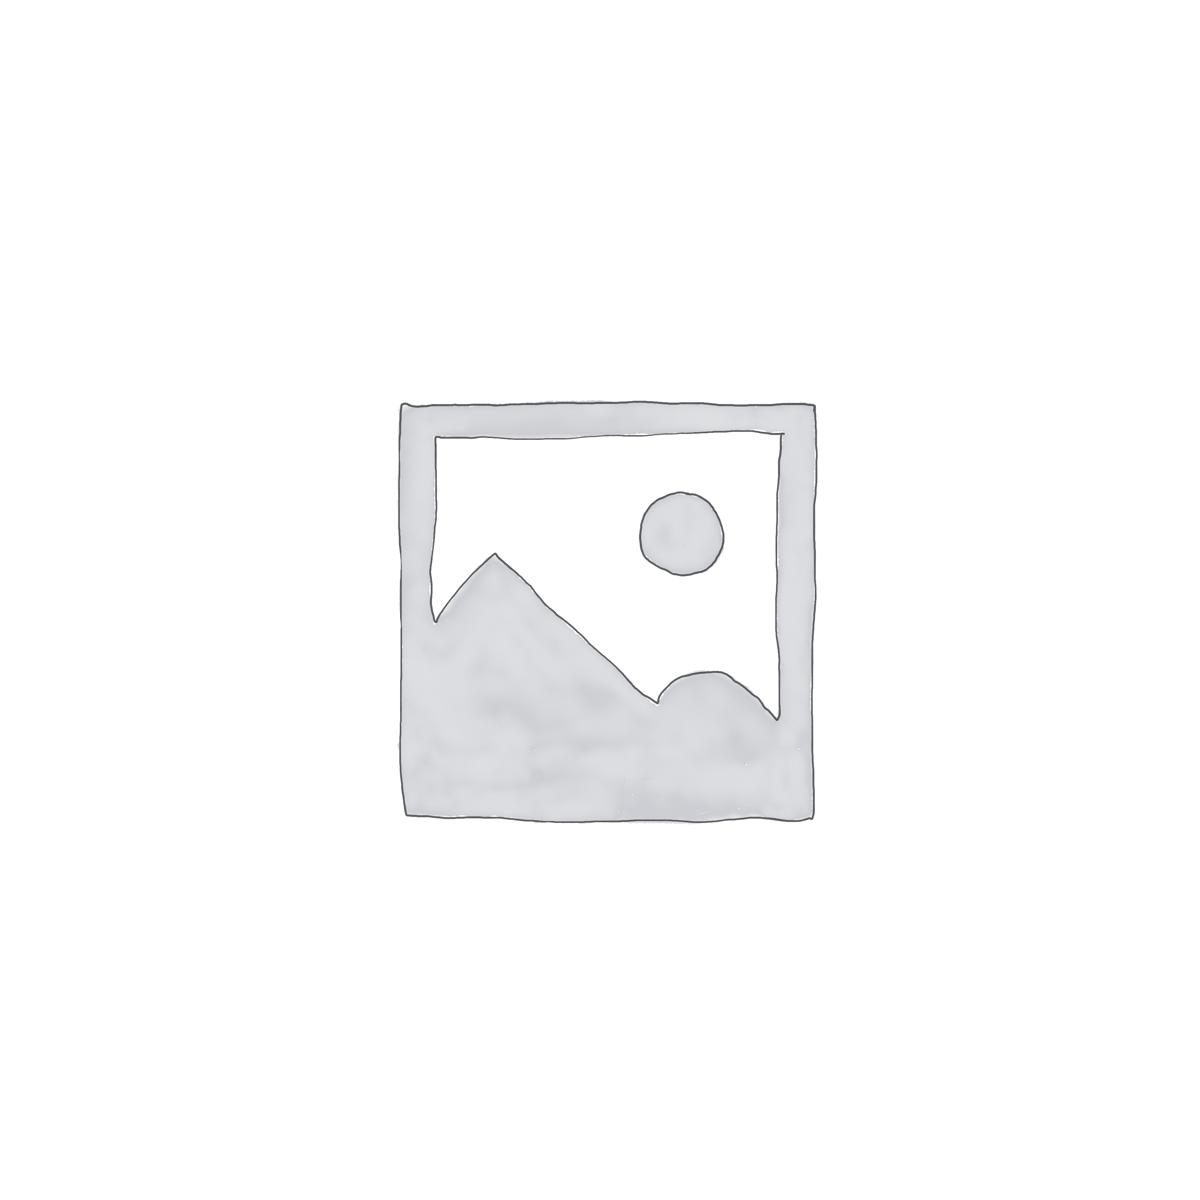 3D Embossed Look Cement Pigeons Wallpaper Mural